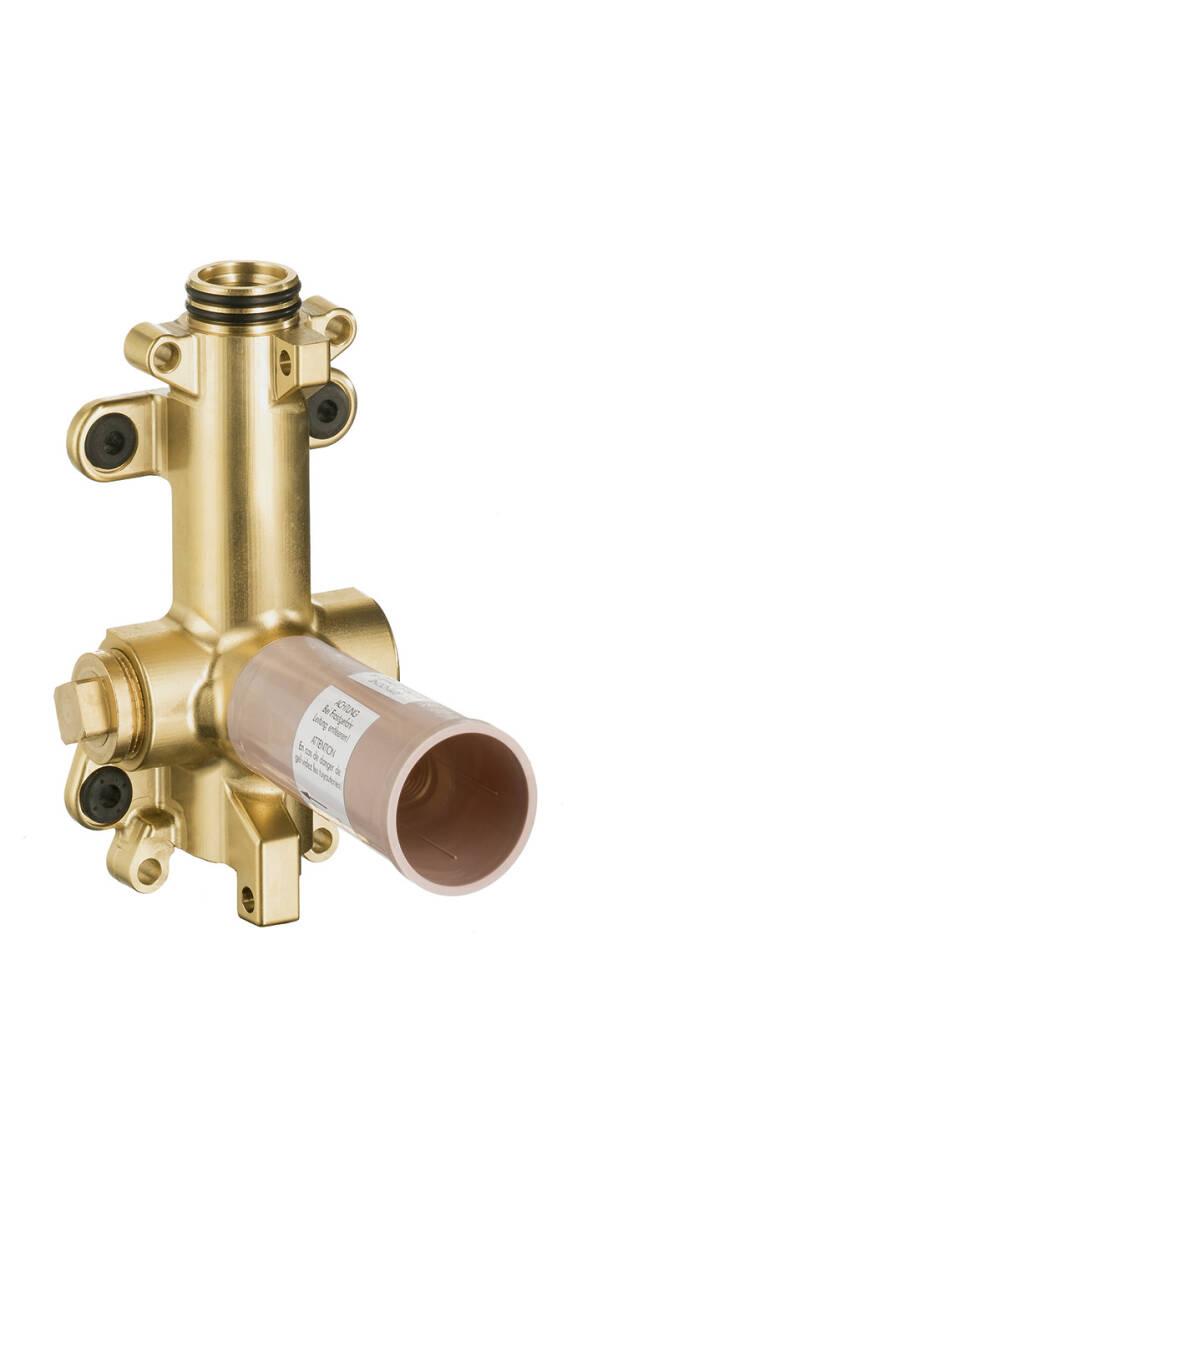 Basic set for shut-off valve 120/120 for concealed installation, n.a., 10971180